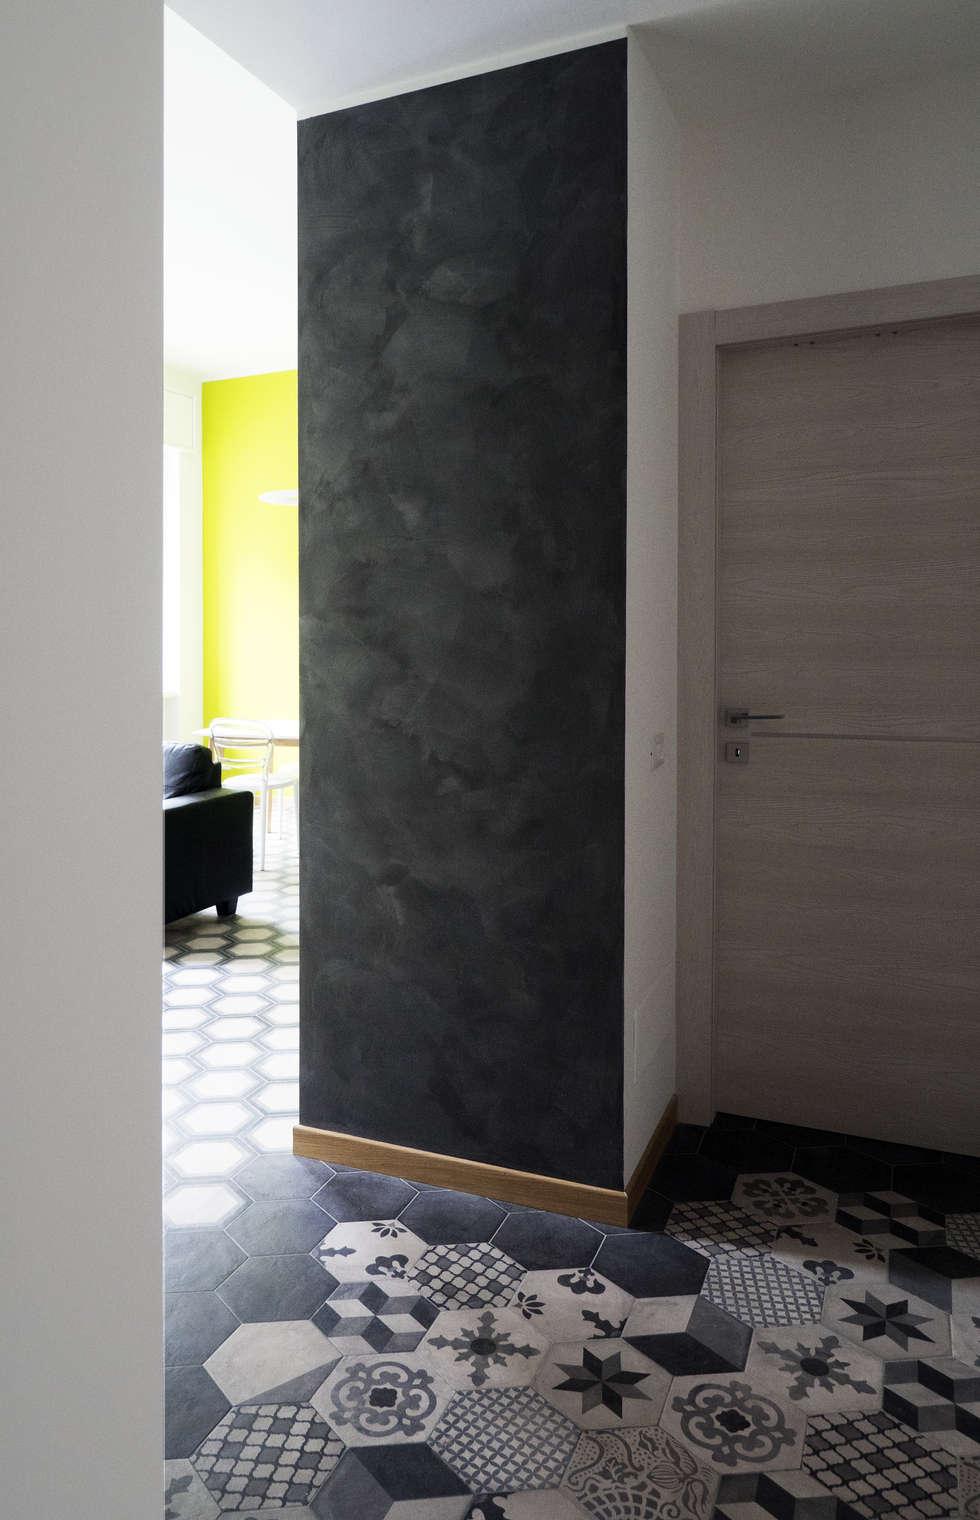 VISTA SOGGIORNO DALL'INGRESSO: Ingresso & Corridoio in stile  di Luigi Brenna Architetto